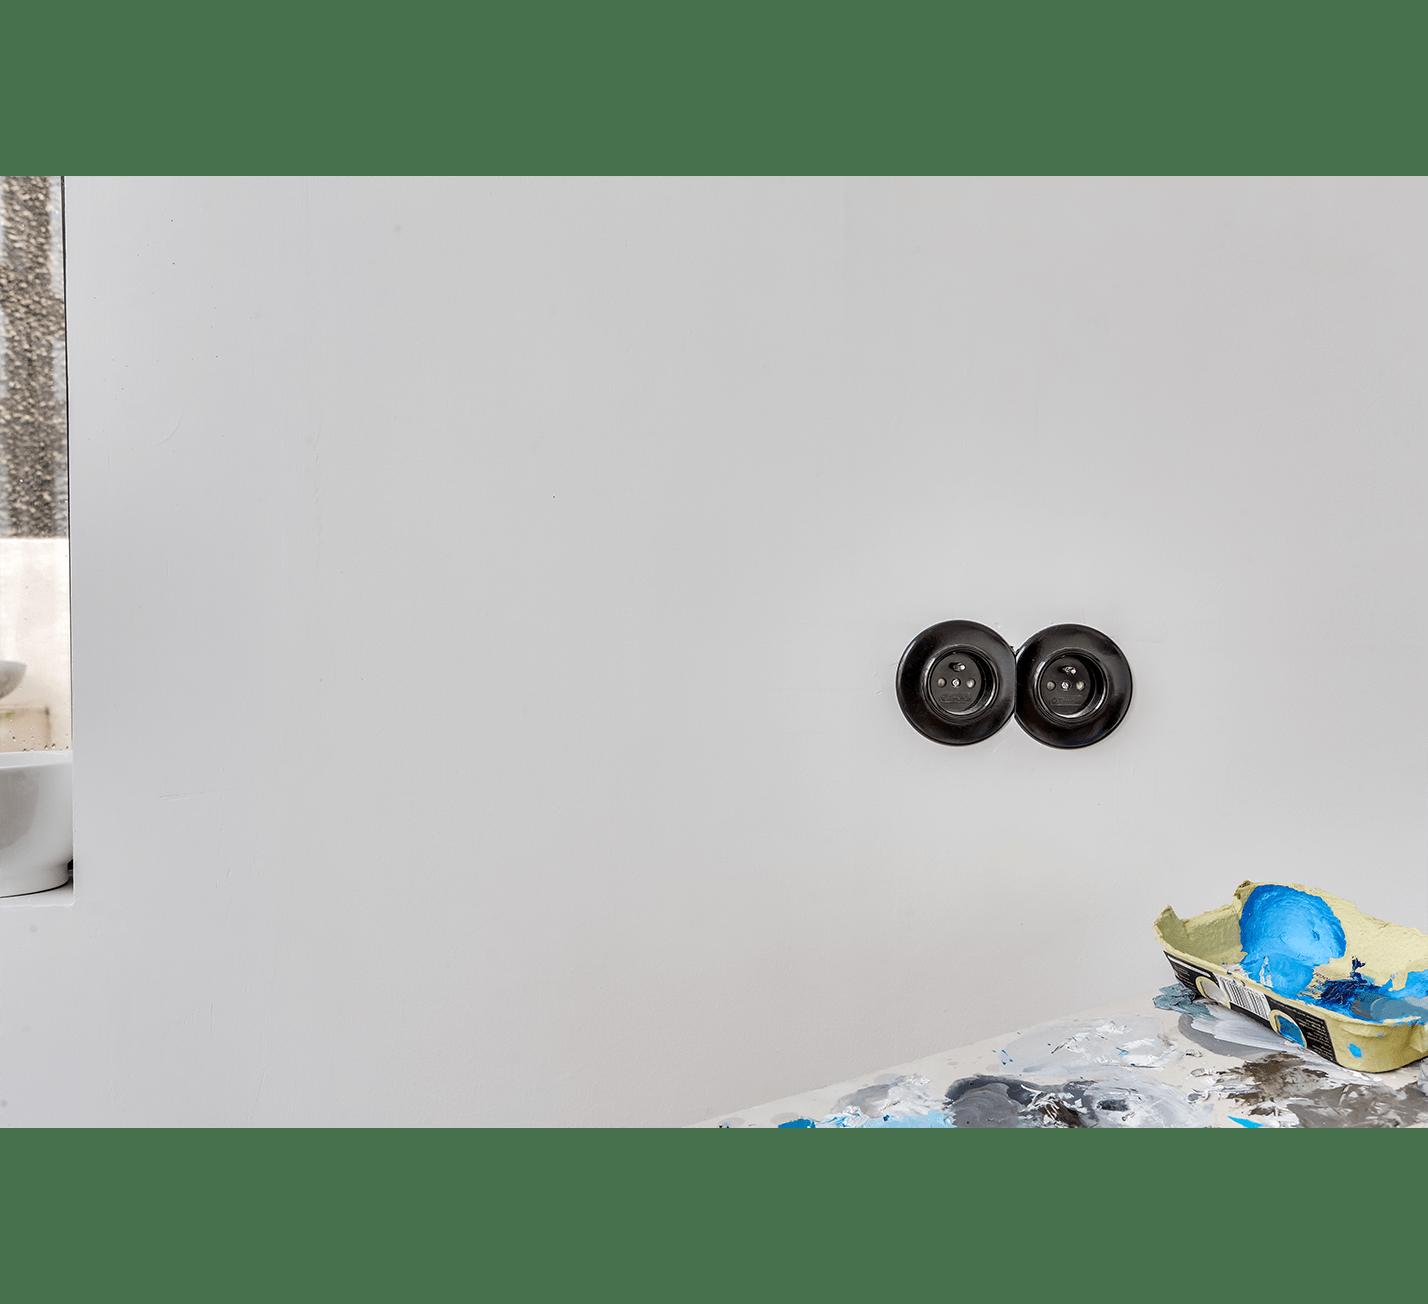 Projet-LAtelier-Atelier-Steve-Pauline-Borgia-Architecture-interieur-06-min